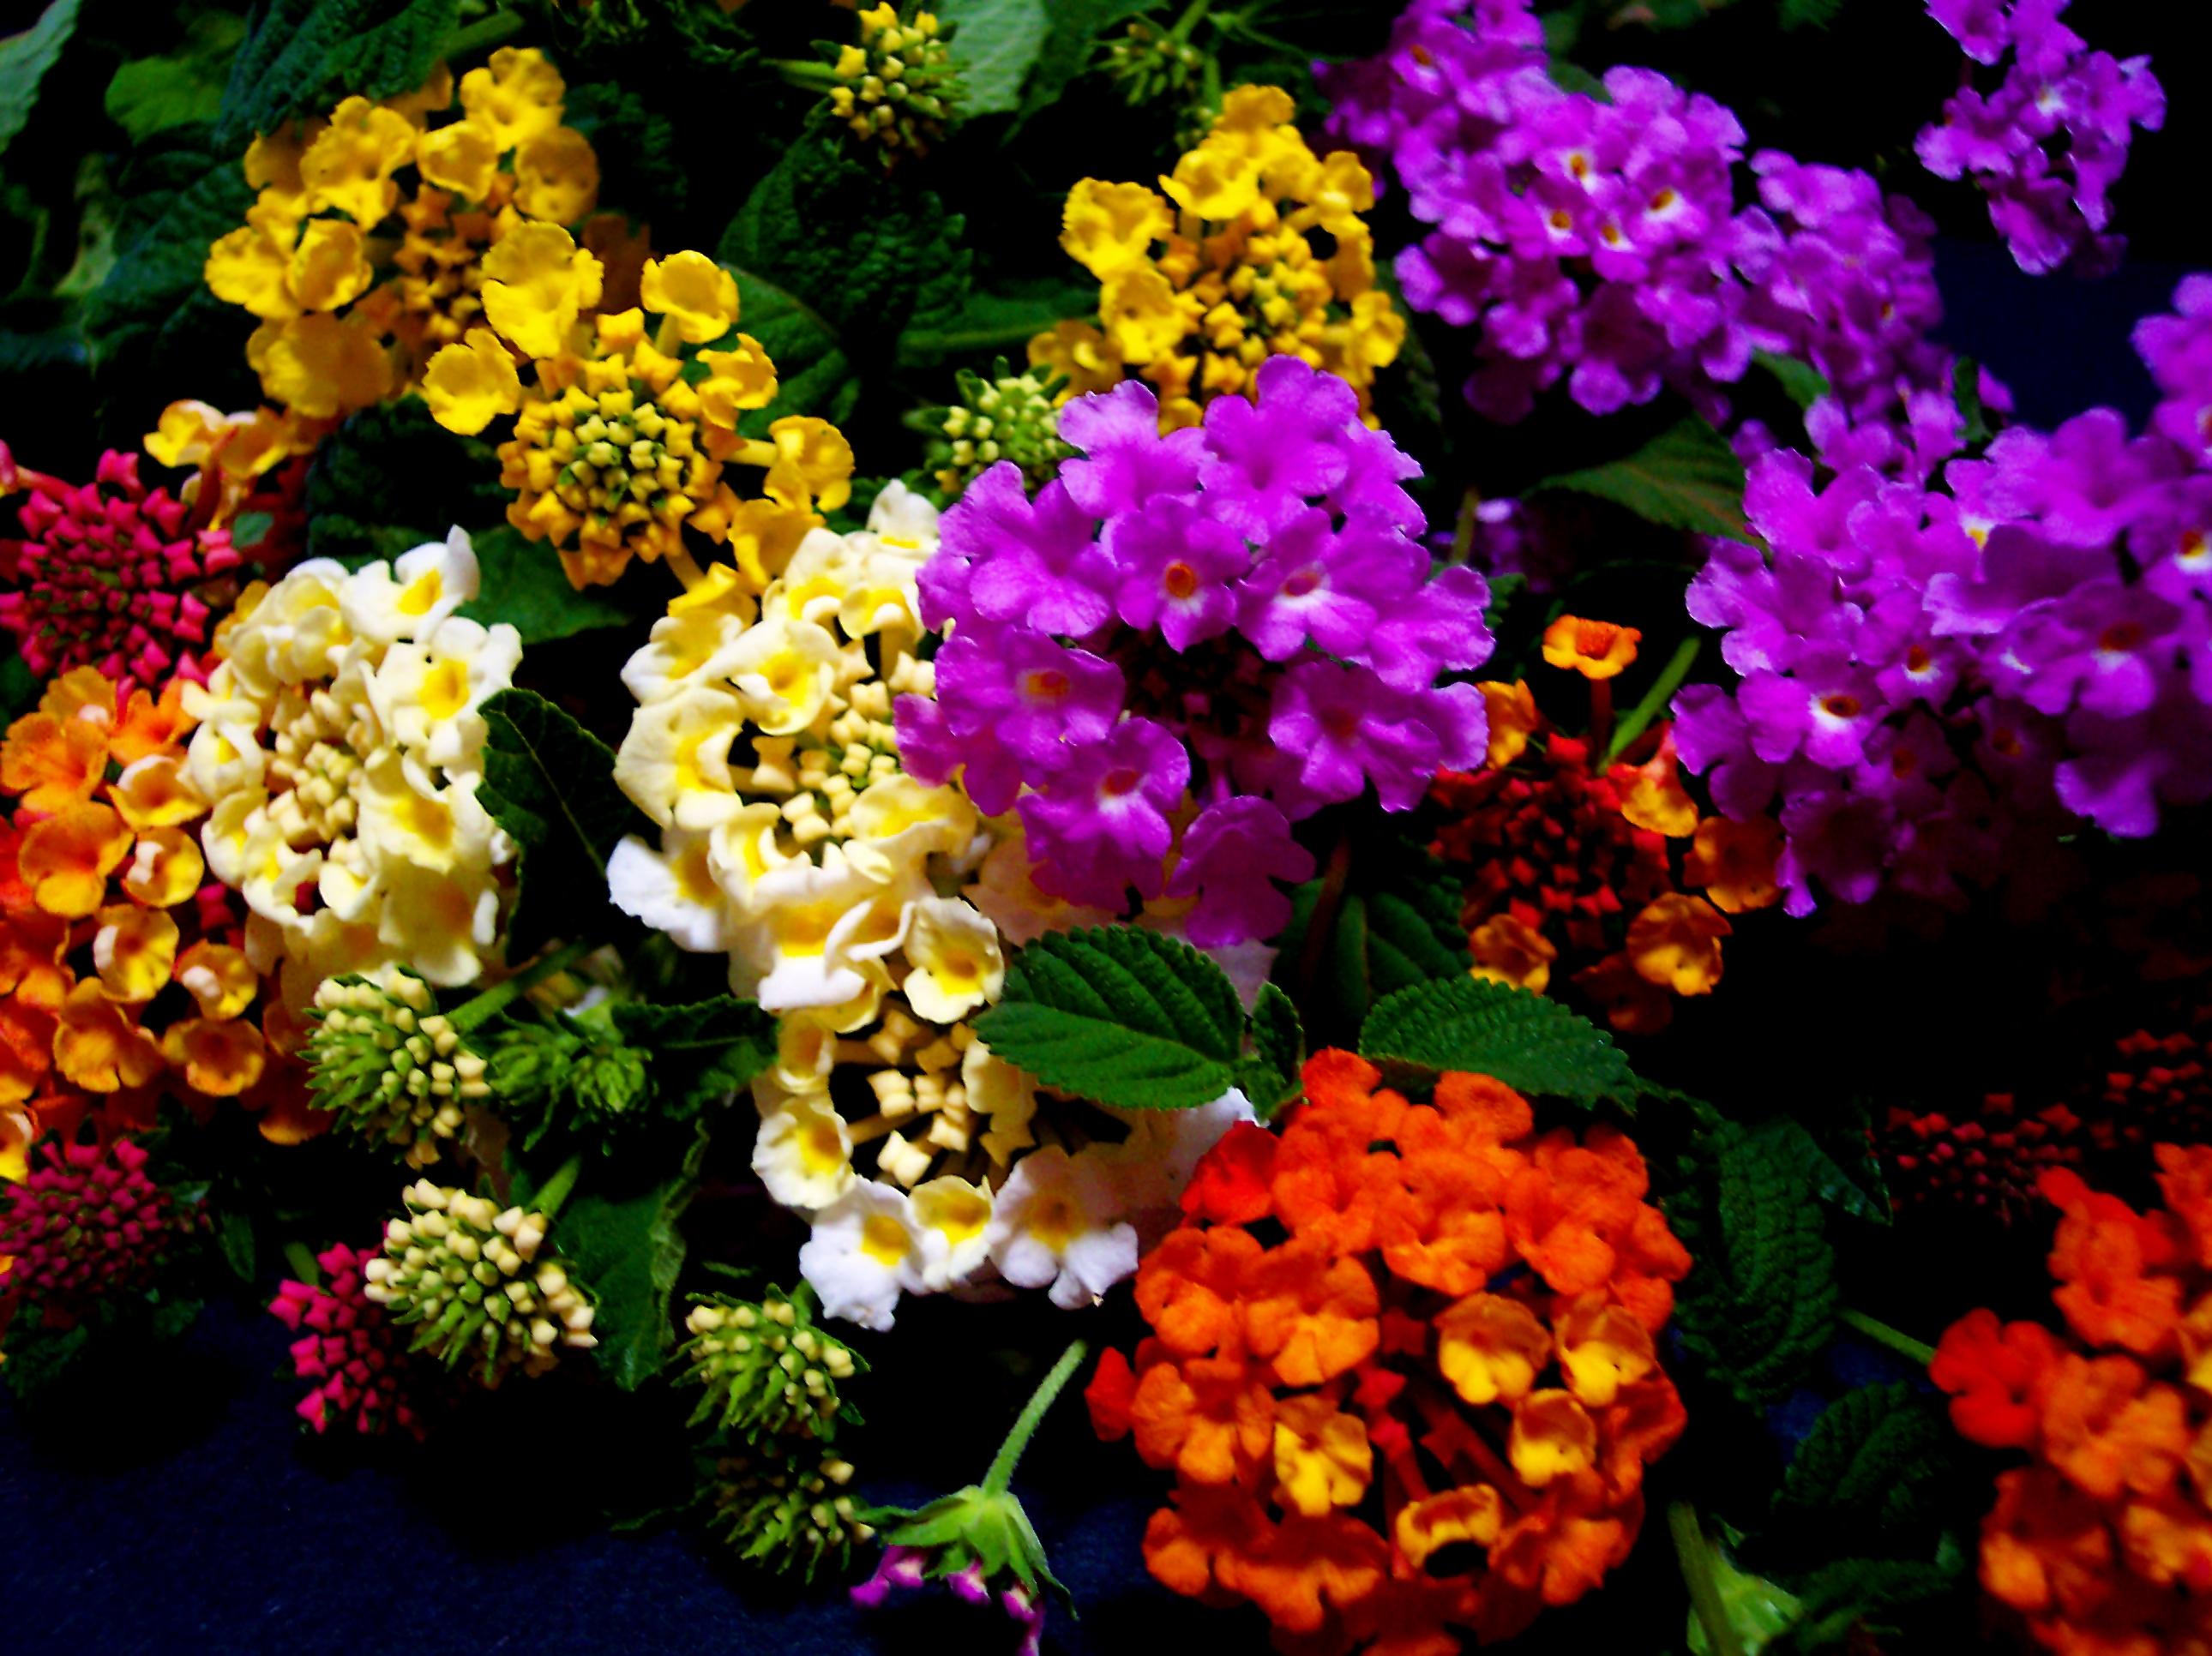 La lantana pianta ornamentale o invasiva giardinaggio for Piante fiori